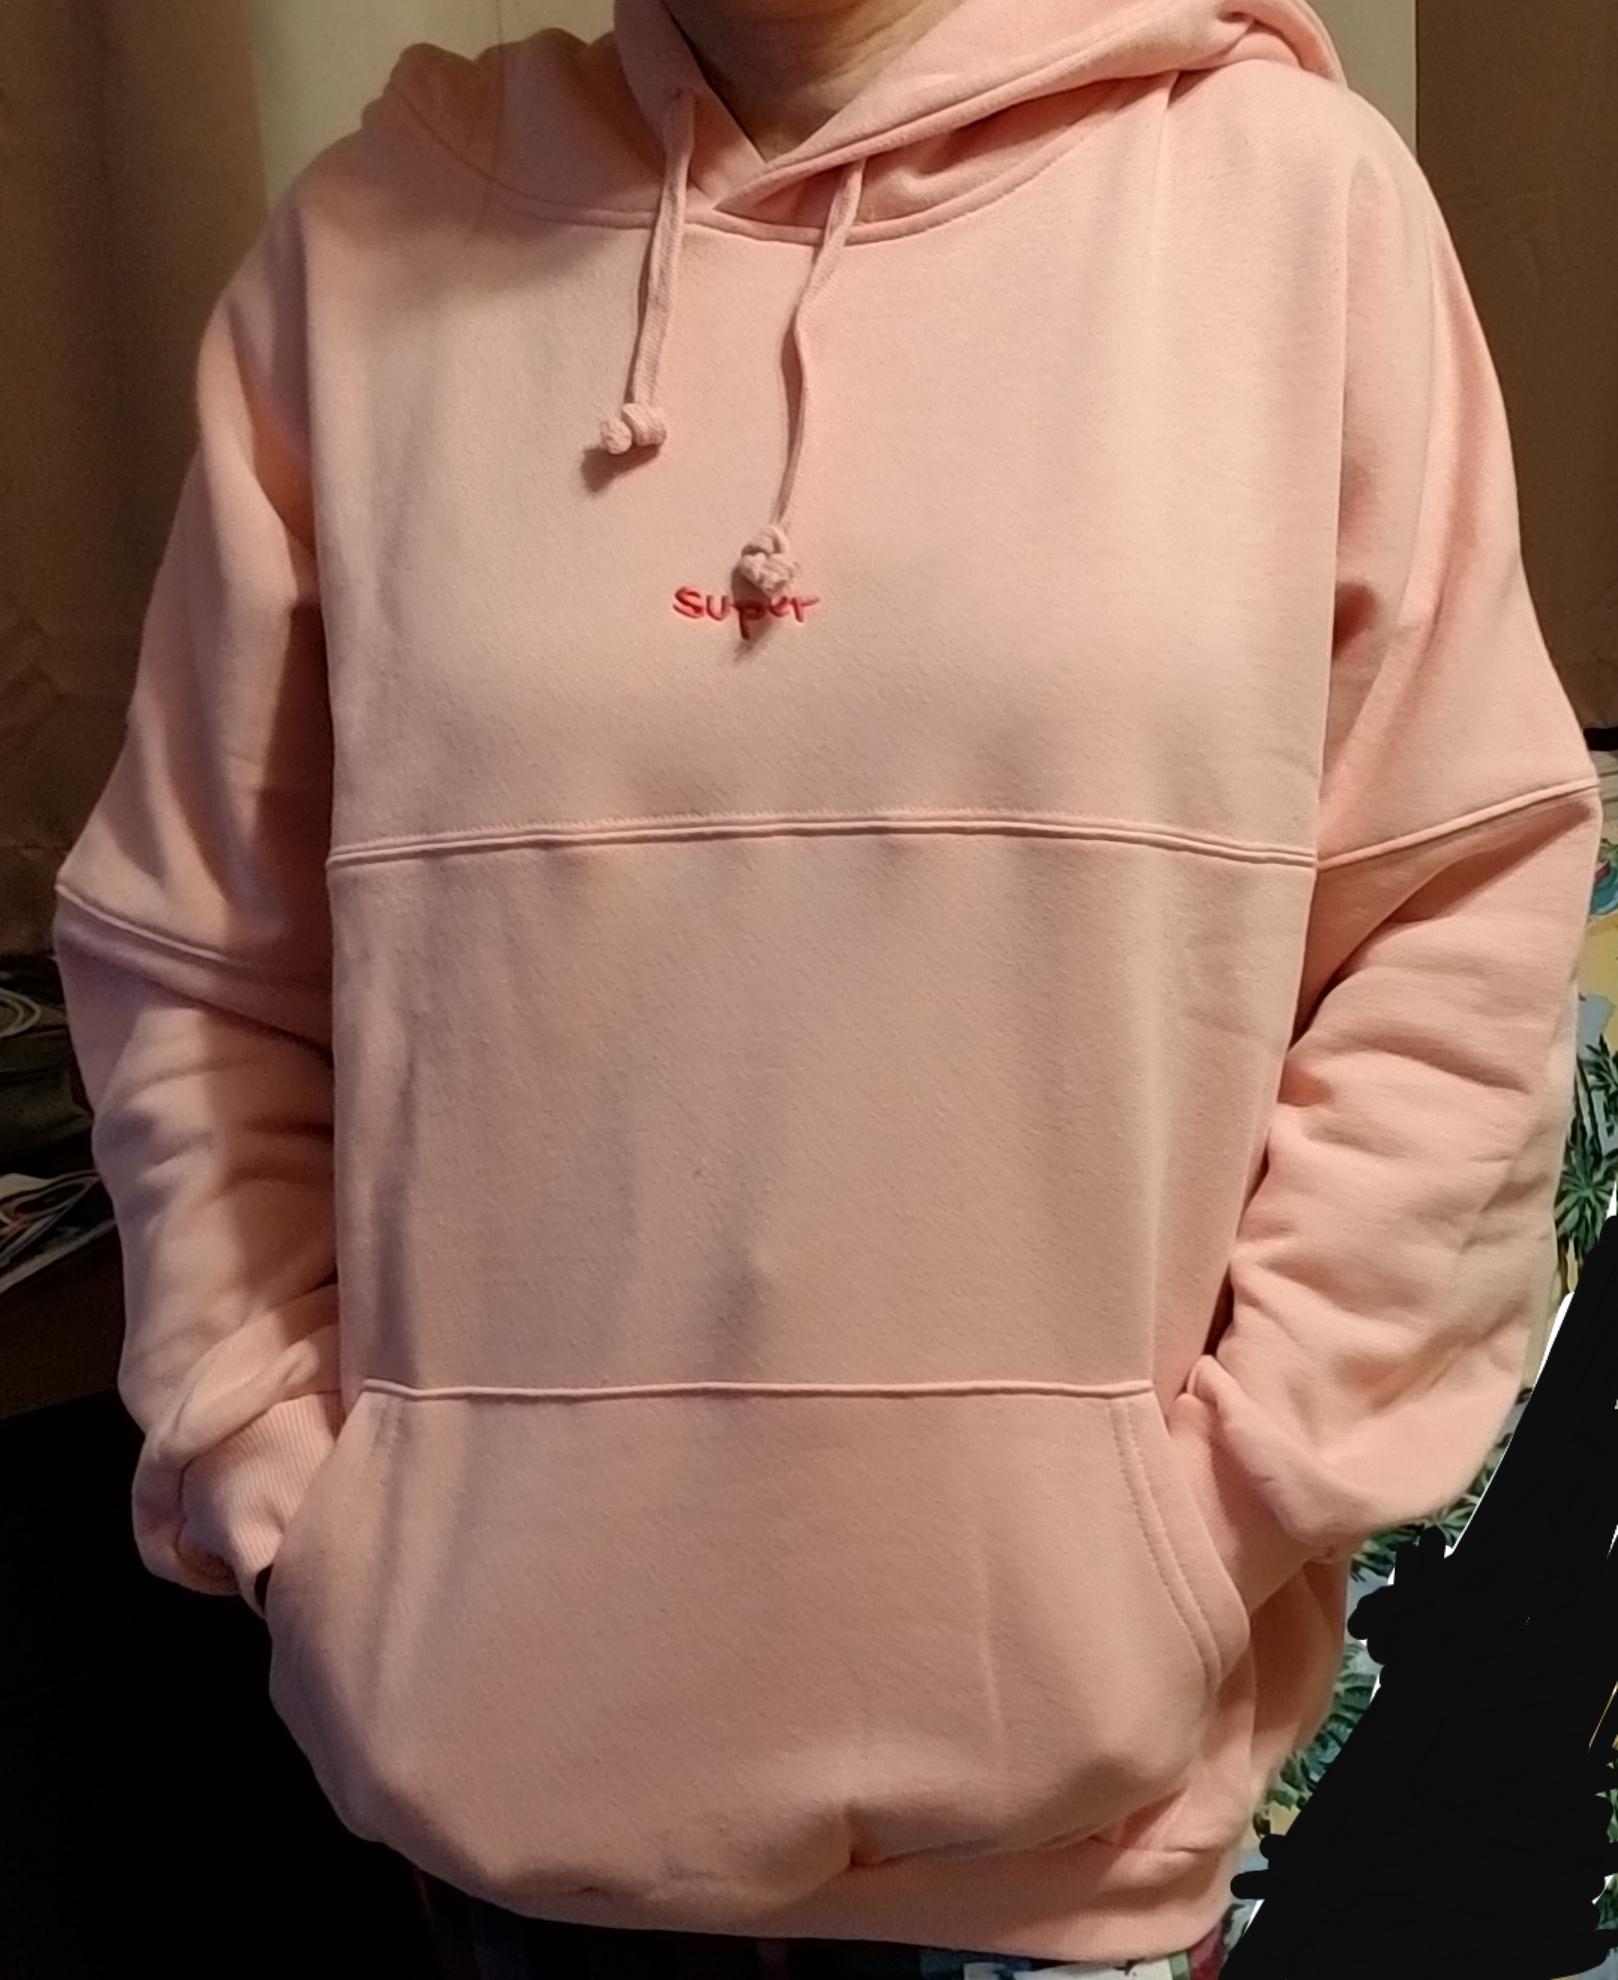 baggy sweatshirt